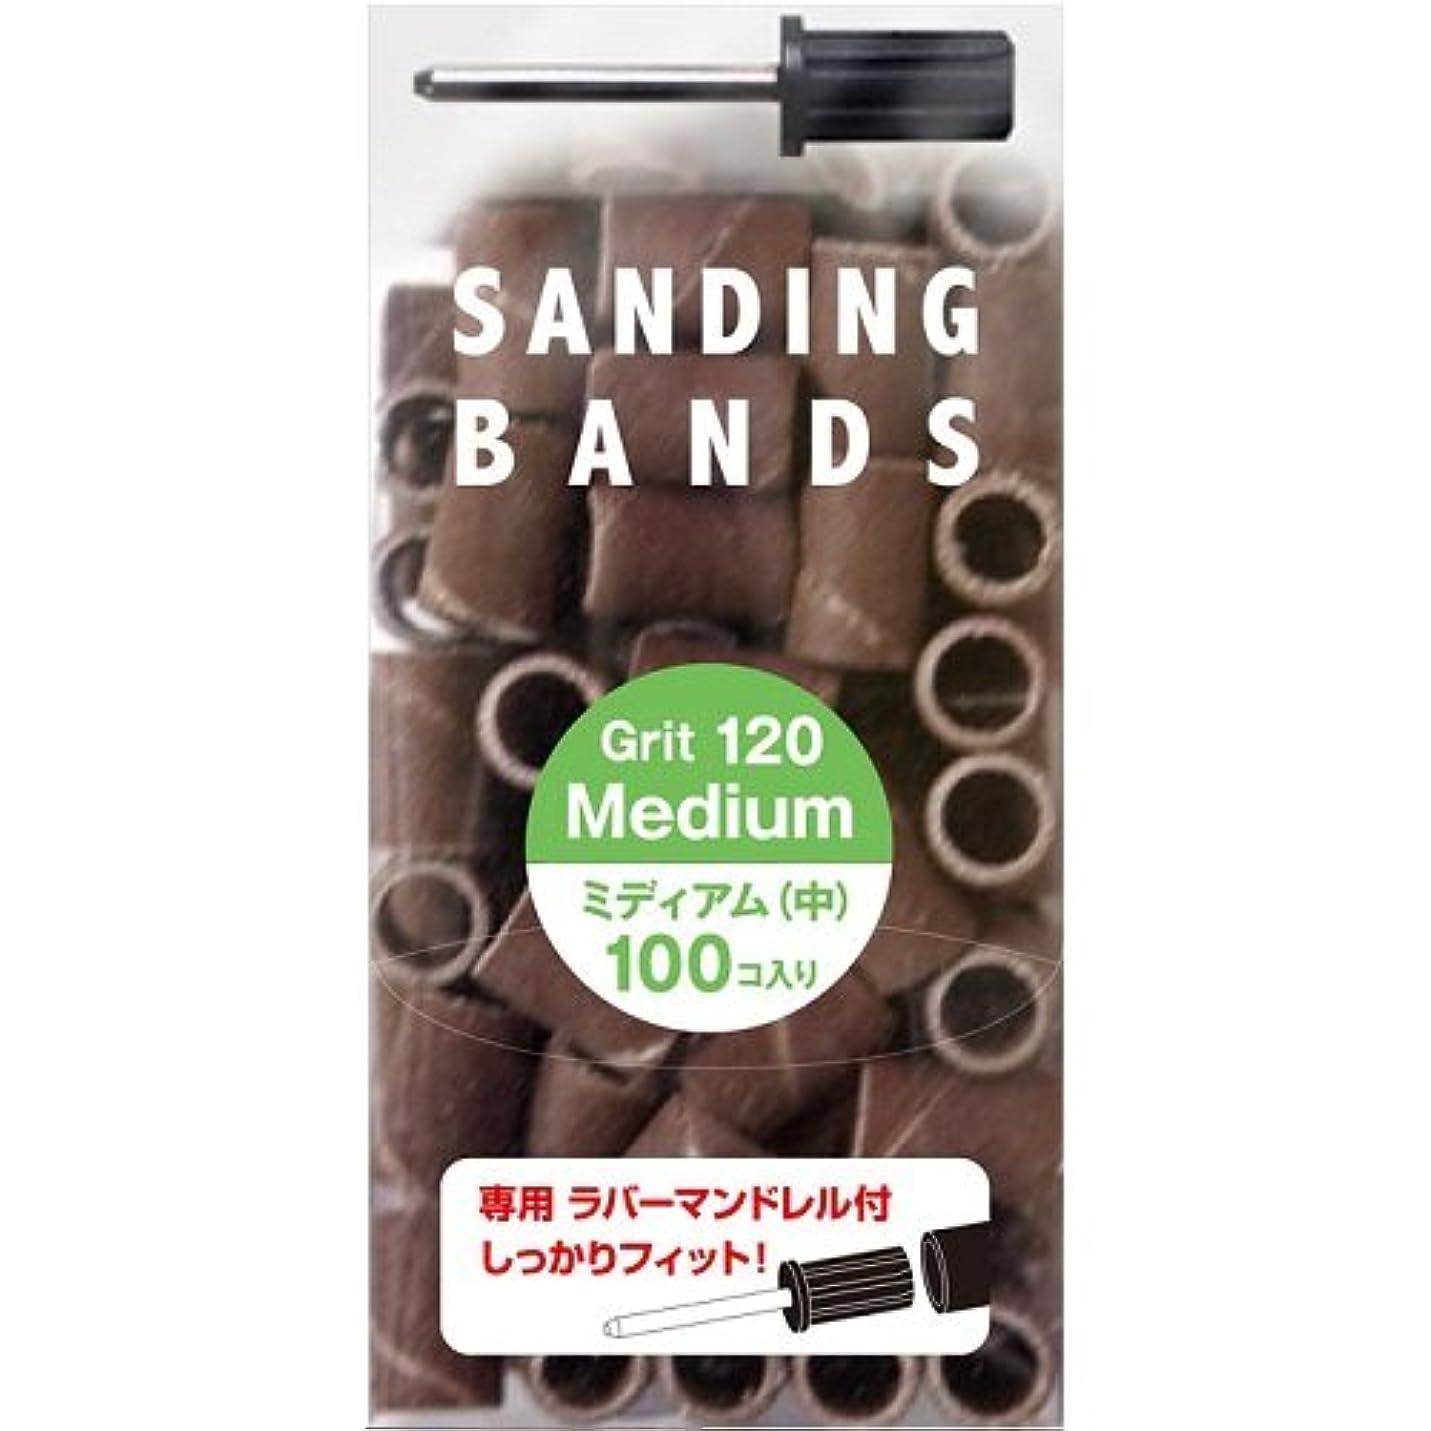 勇敢なレビューくびれたサンディングバンド(SB-120)